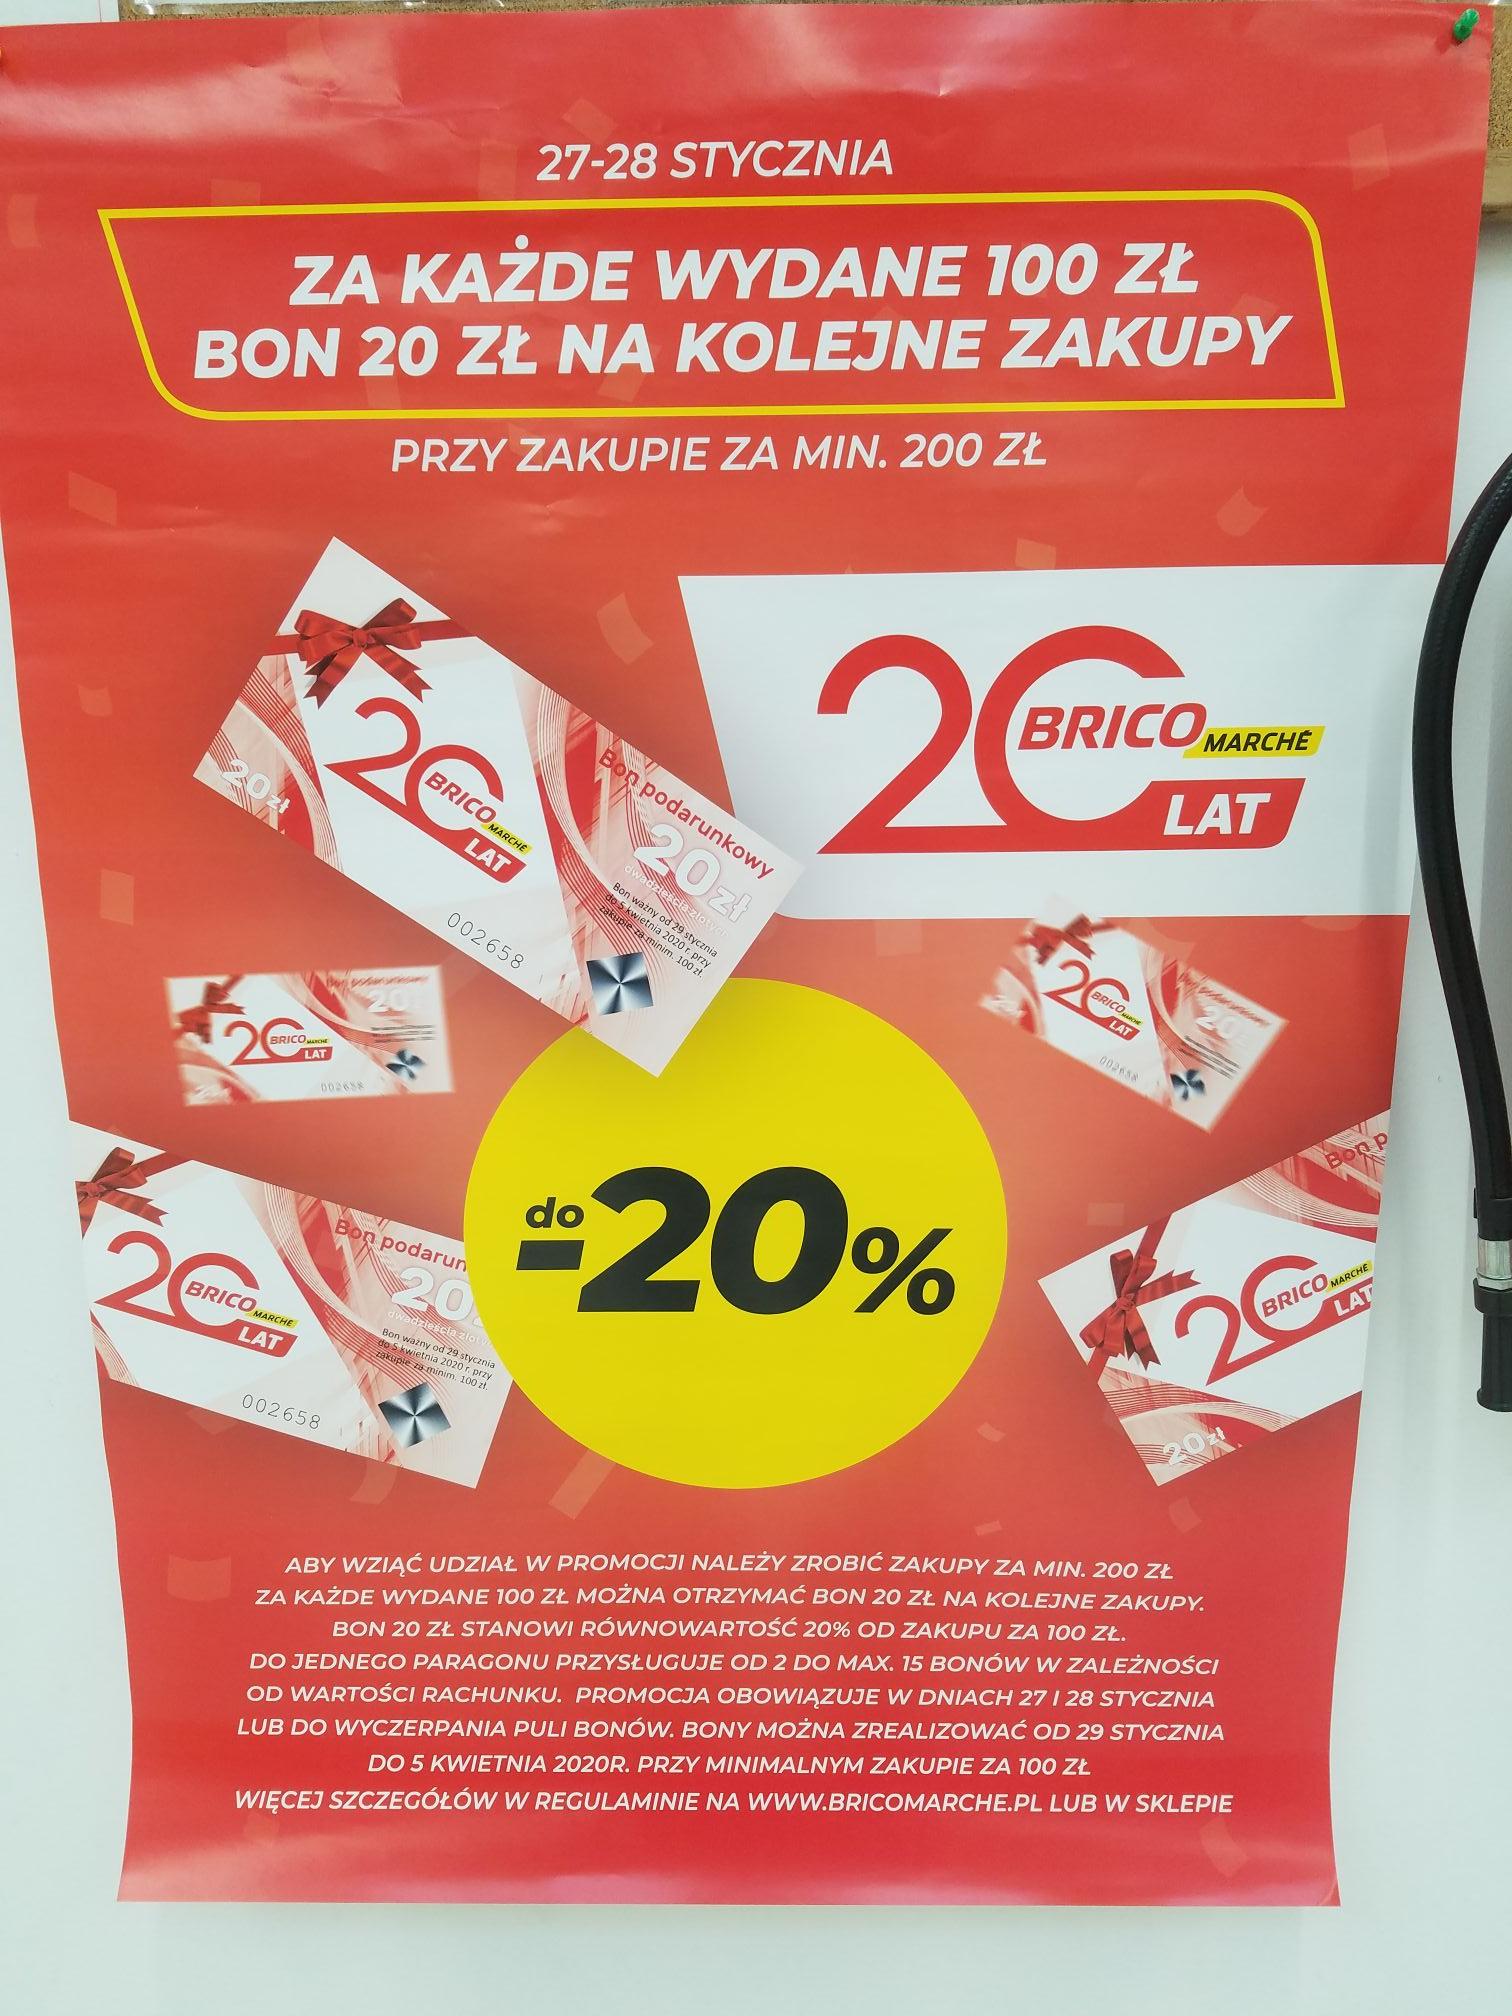 BRICOMARCHE Za kazde wydane 100zl bon o wartosci 20zl